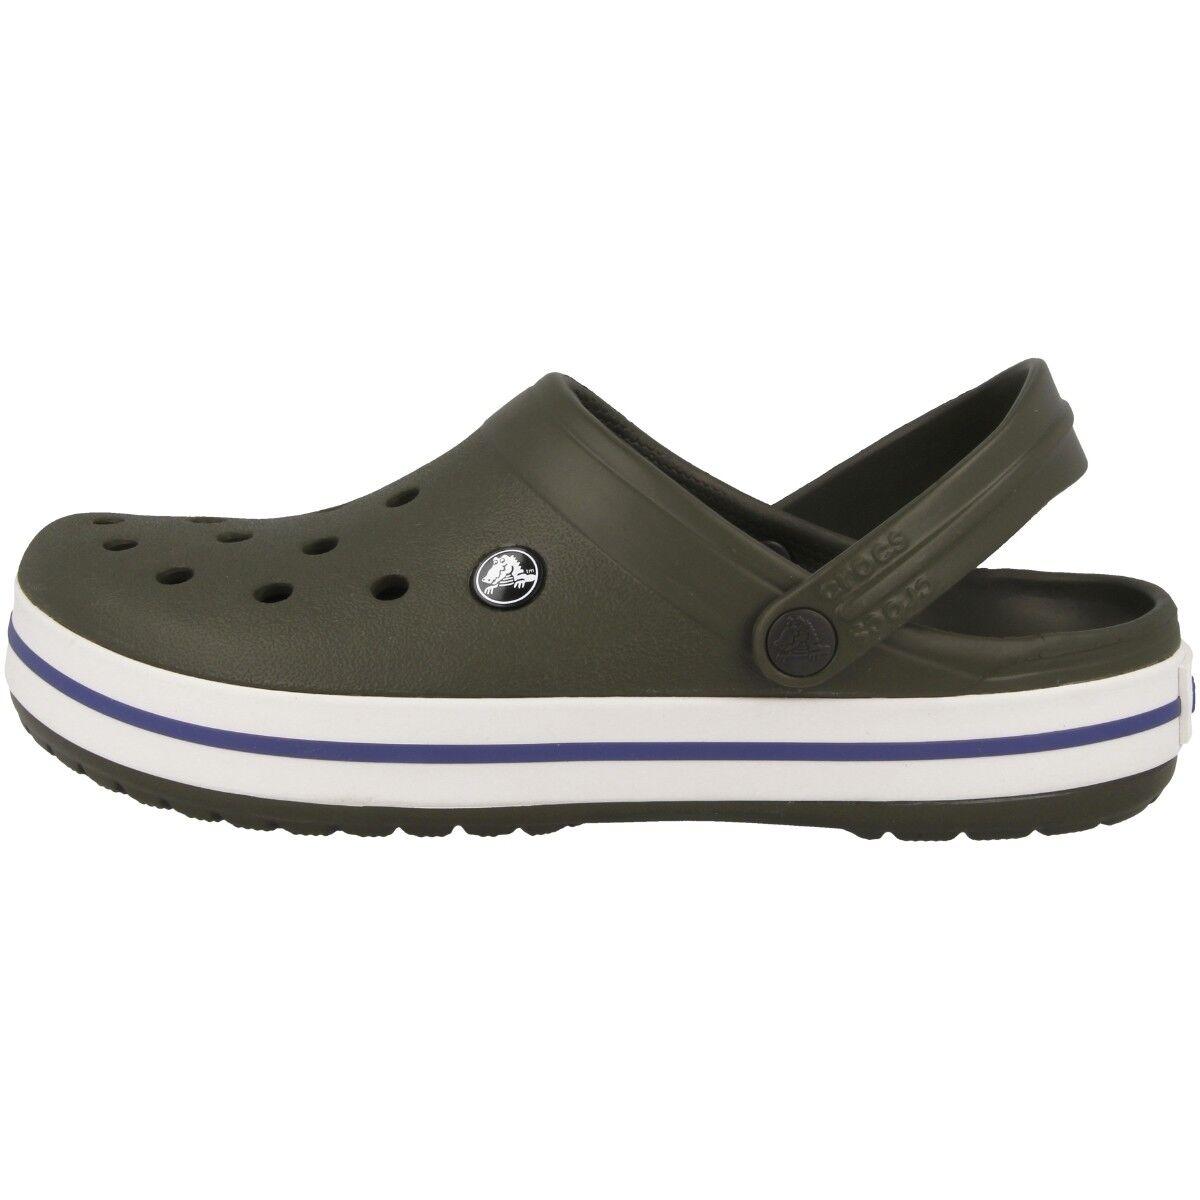 Crocs Crocband obstruir baño Sandalias Zuecos Zapatos de baño obstruir Oscuro Verde Camuflaje 81b81a